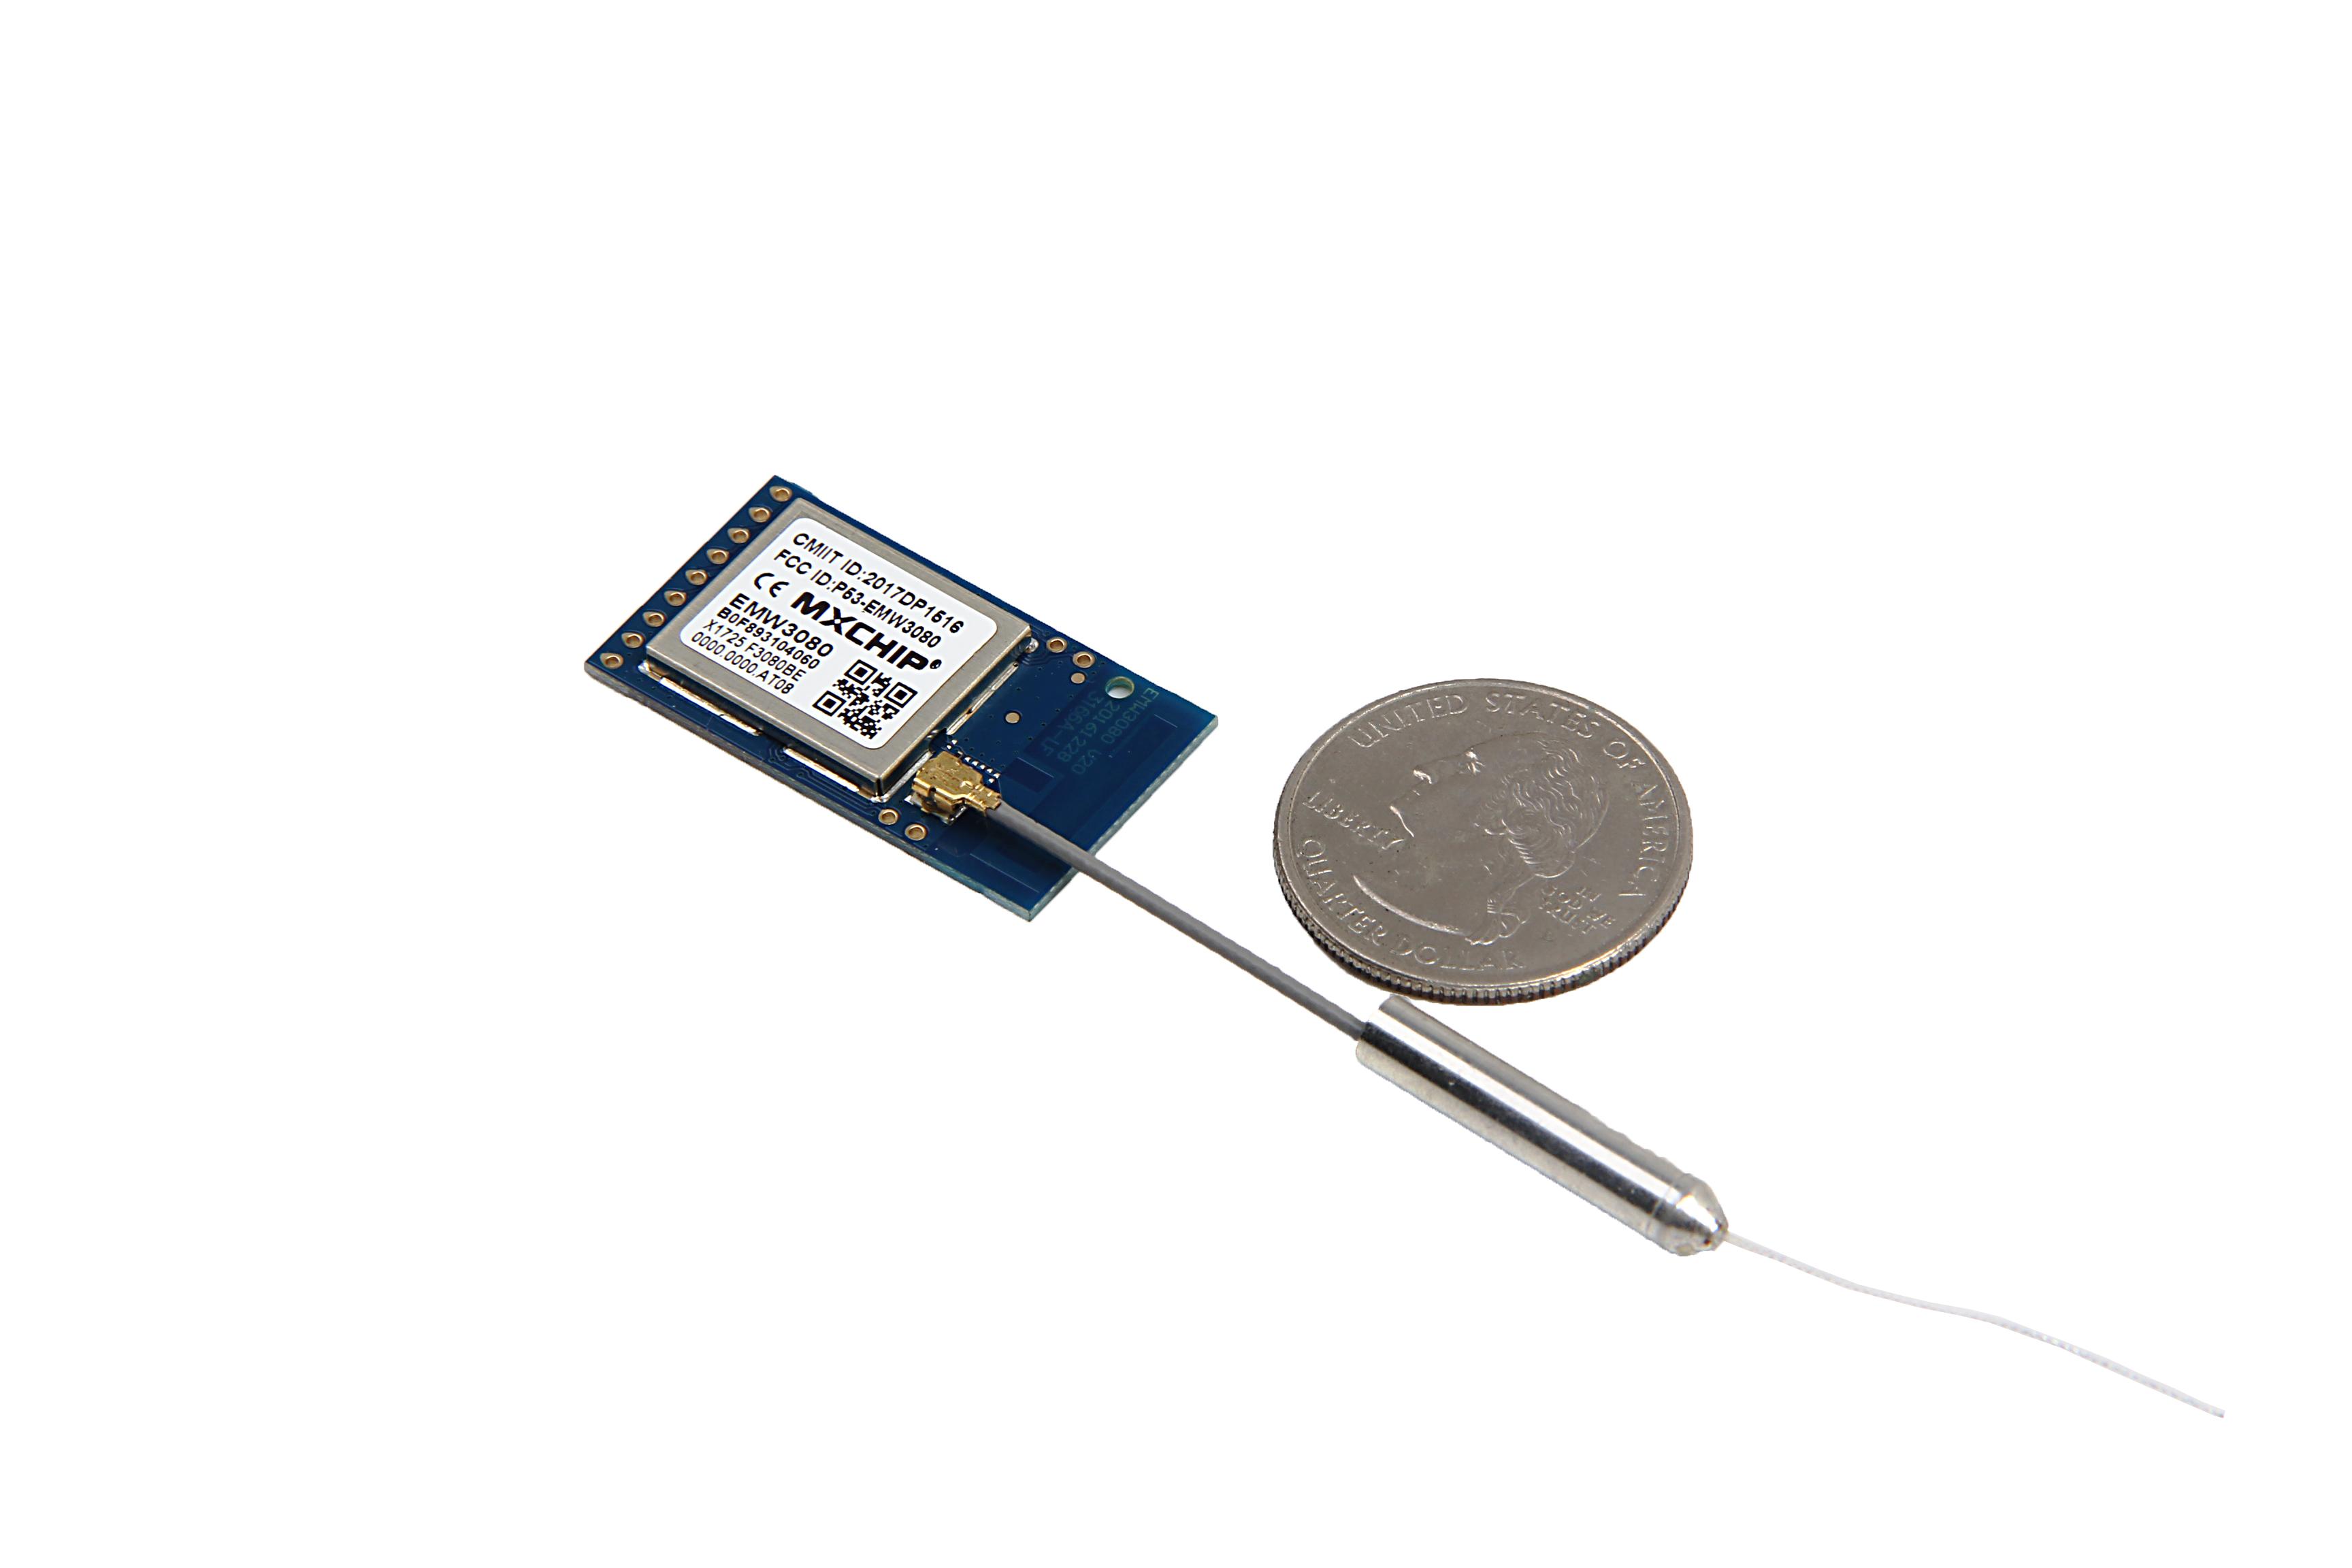 EMW3080(BE) WiFi Module